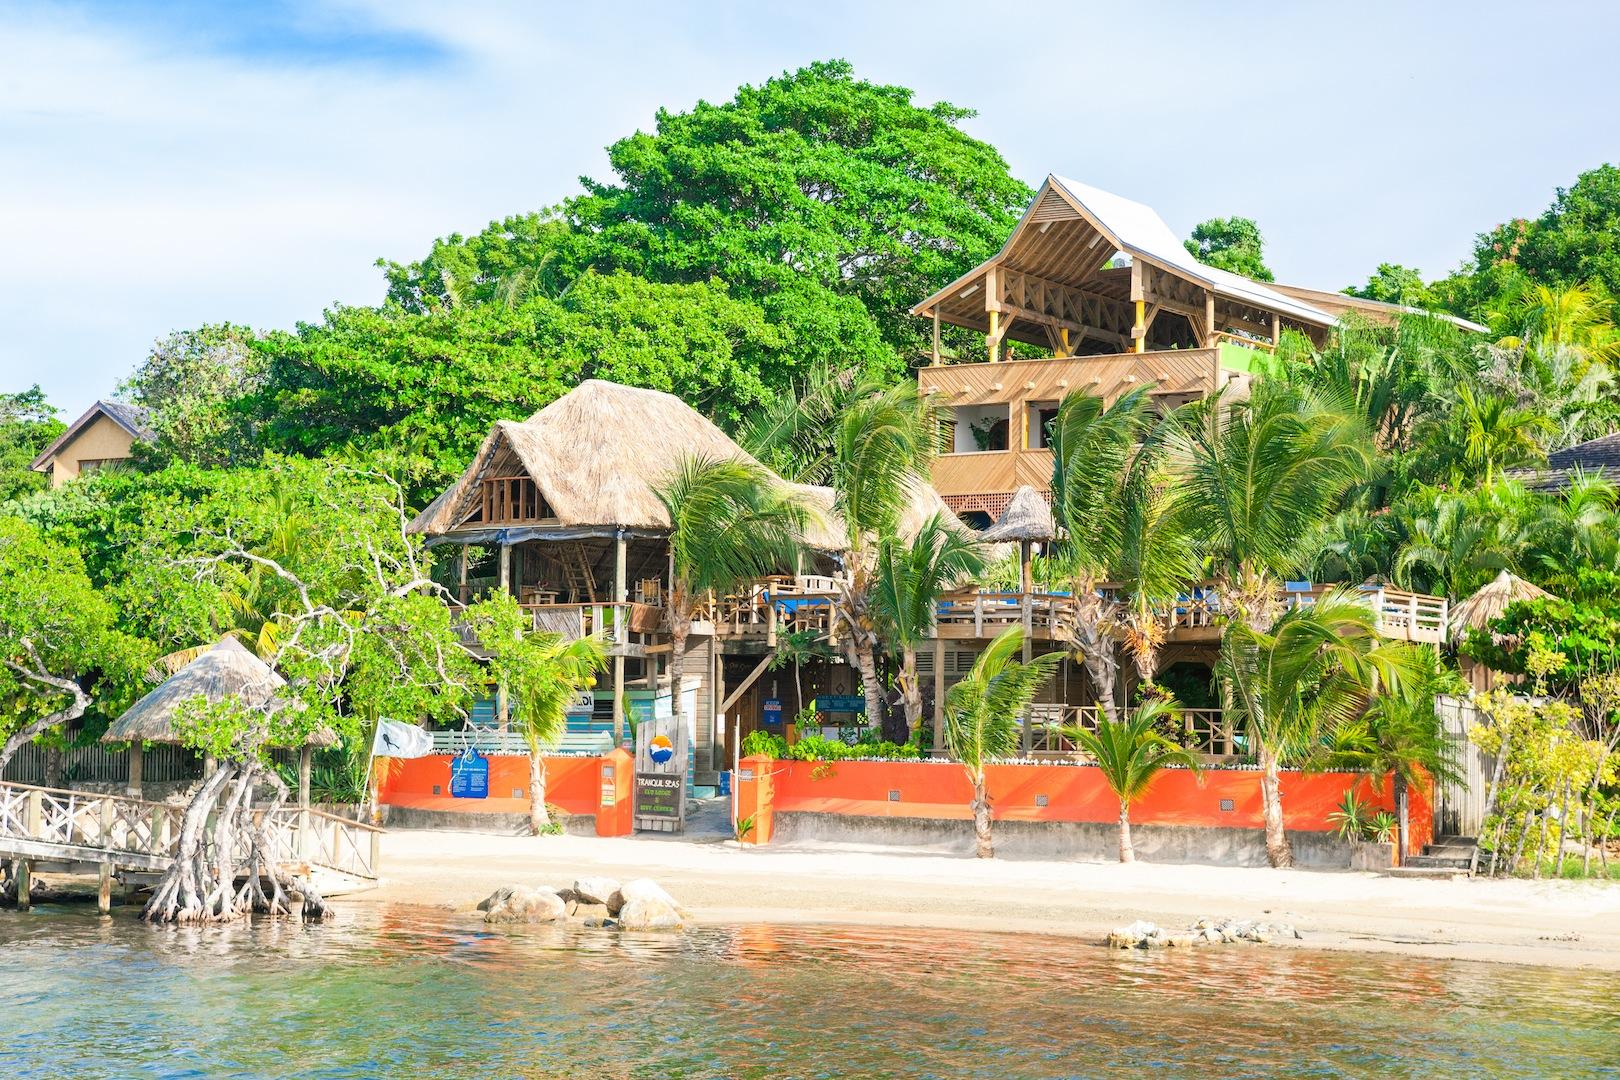 Tranquilseas Eco Lodge & Dive Center in Roatan: een eiland voor de kust van Honduras.